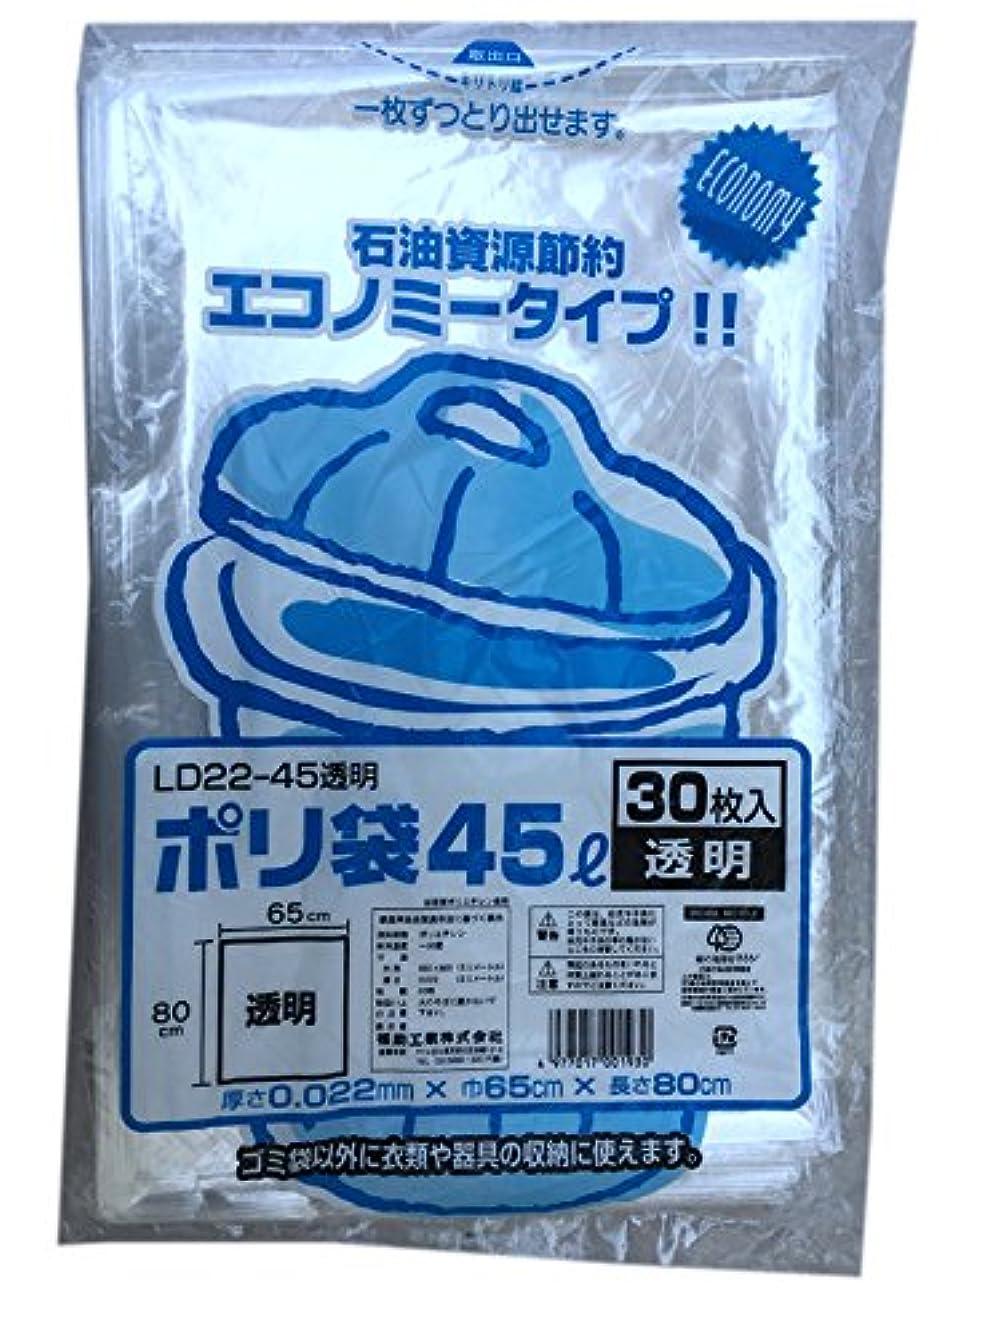 化合物憂鬱な削る業務用 ゴミ袋 45L(30枚入り)1ケース(600枚) LD22-45 透明 0.022×巾650×長さ800mm